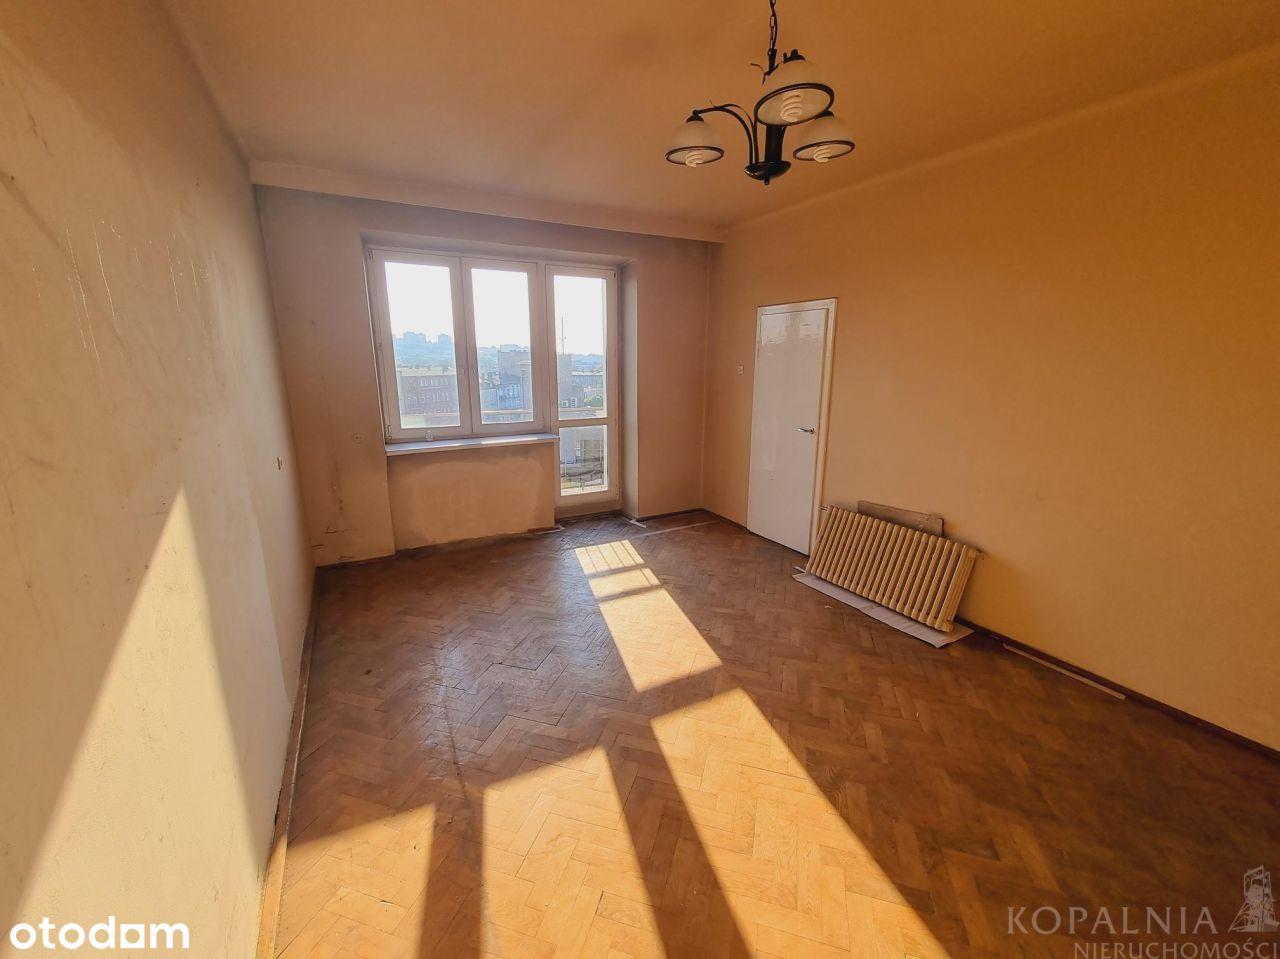 Będzin 4 pokoje 88m2 Inwestycyjnie